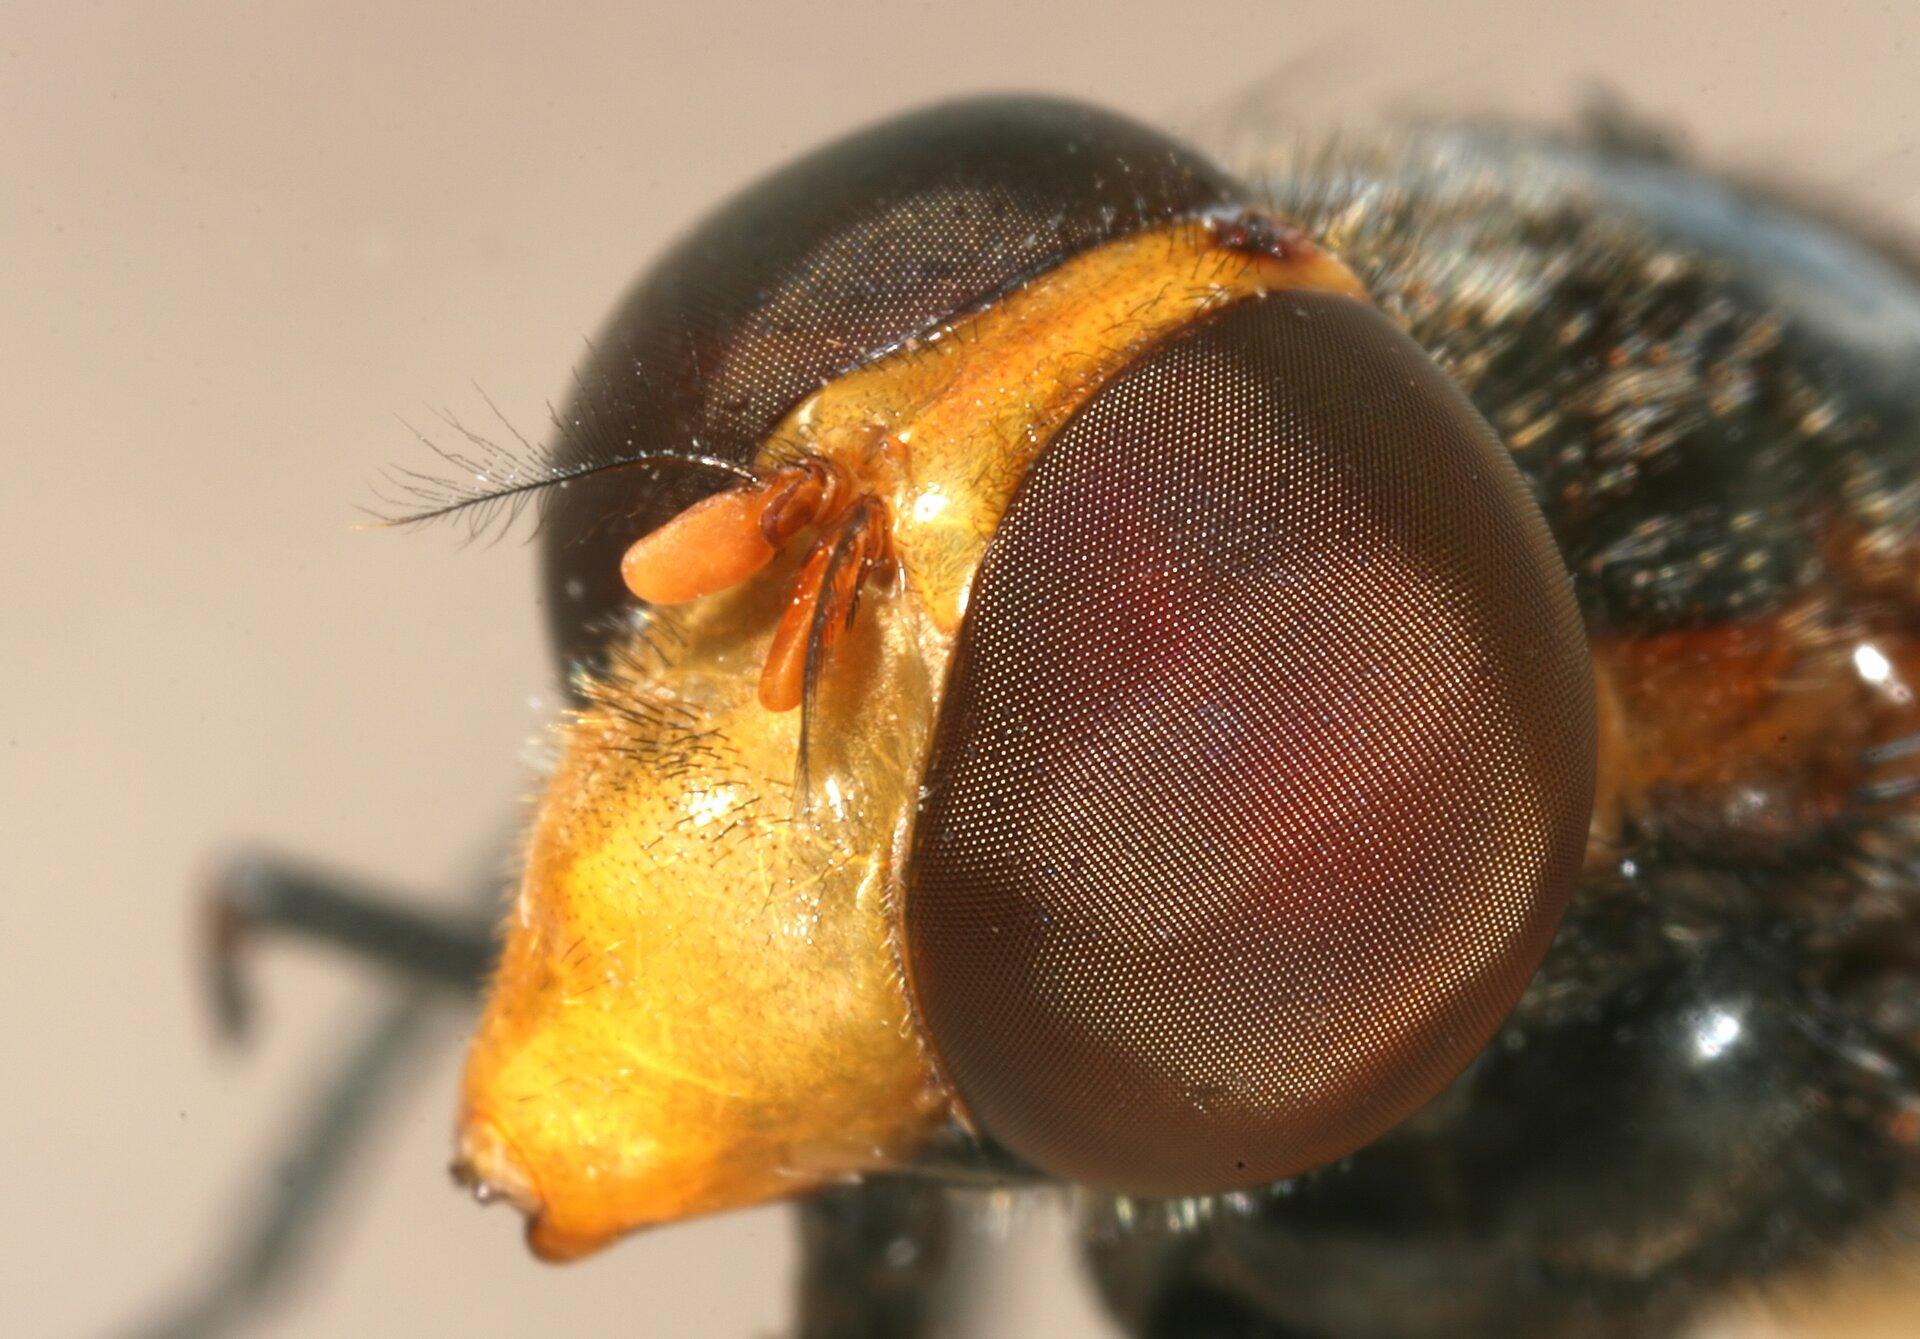 Fotografia prezentuje głowę owada zolbrzymimi brązowymi oczami. Oczy zbudowane są zmałych punkcików.